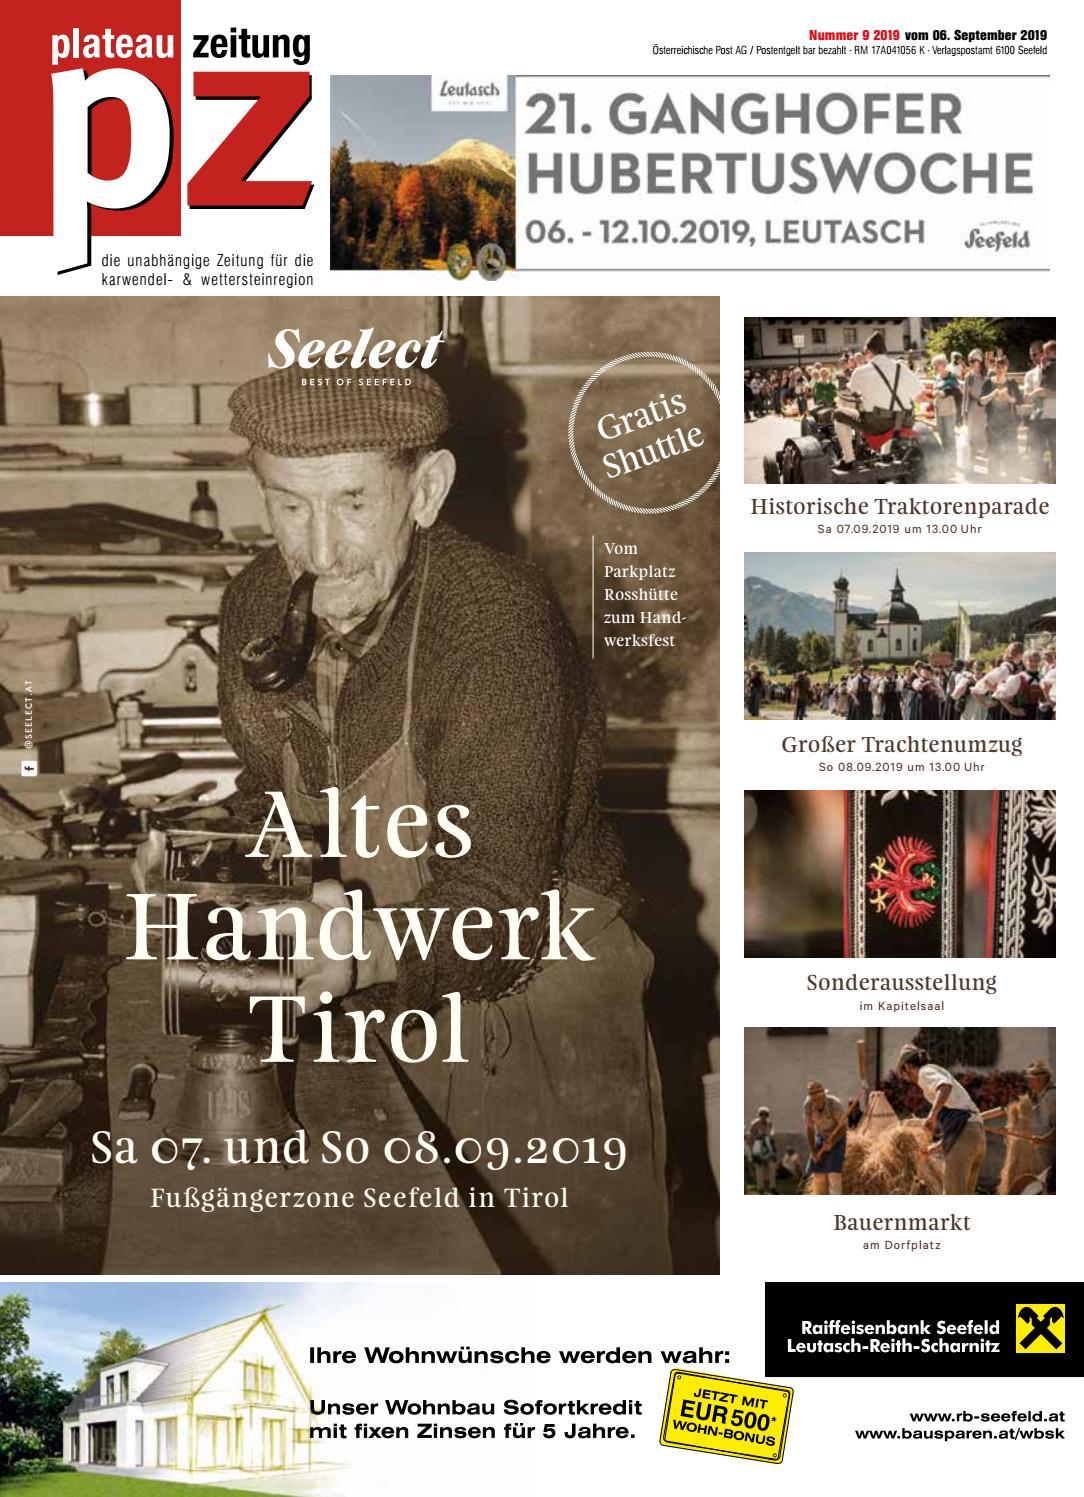 kontakte sex in Seefeld in Tirol - Erotik Kleinanzeigen